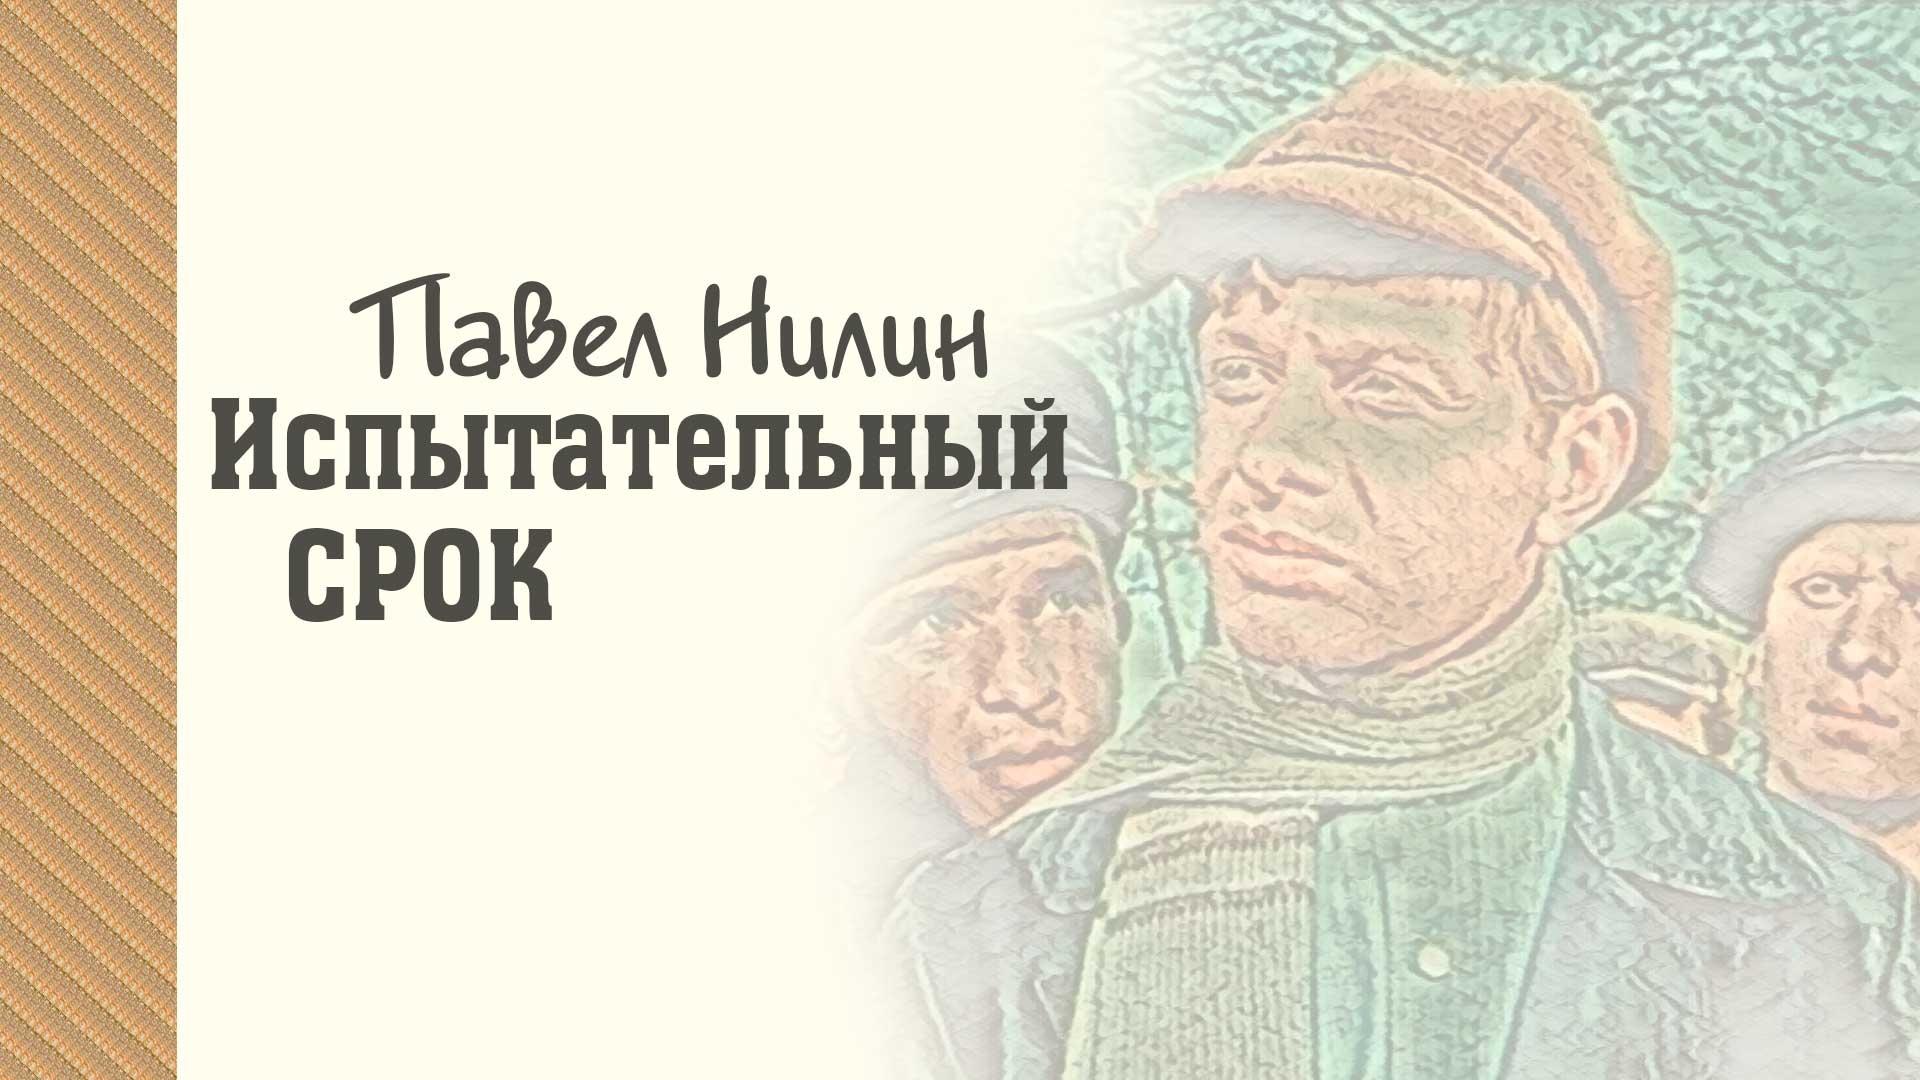 Павел Нилин. Испытательный срок